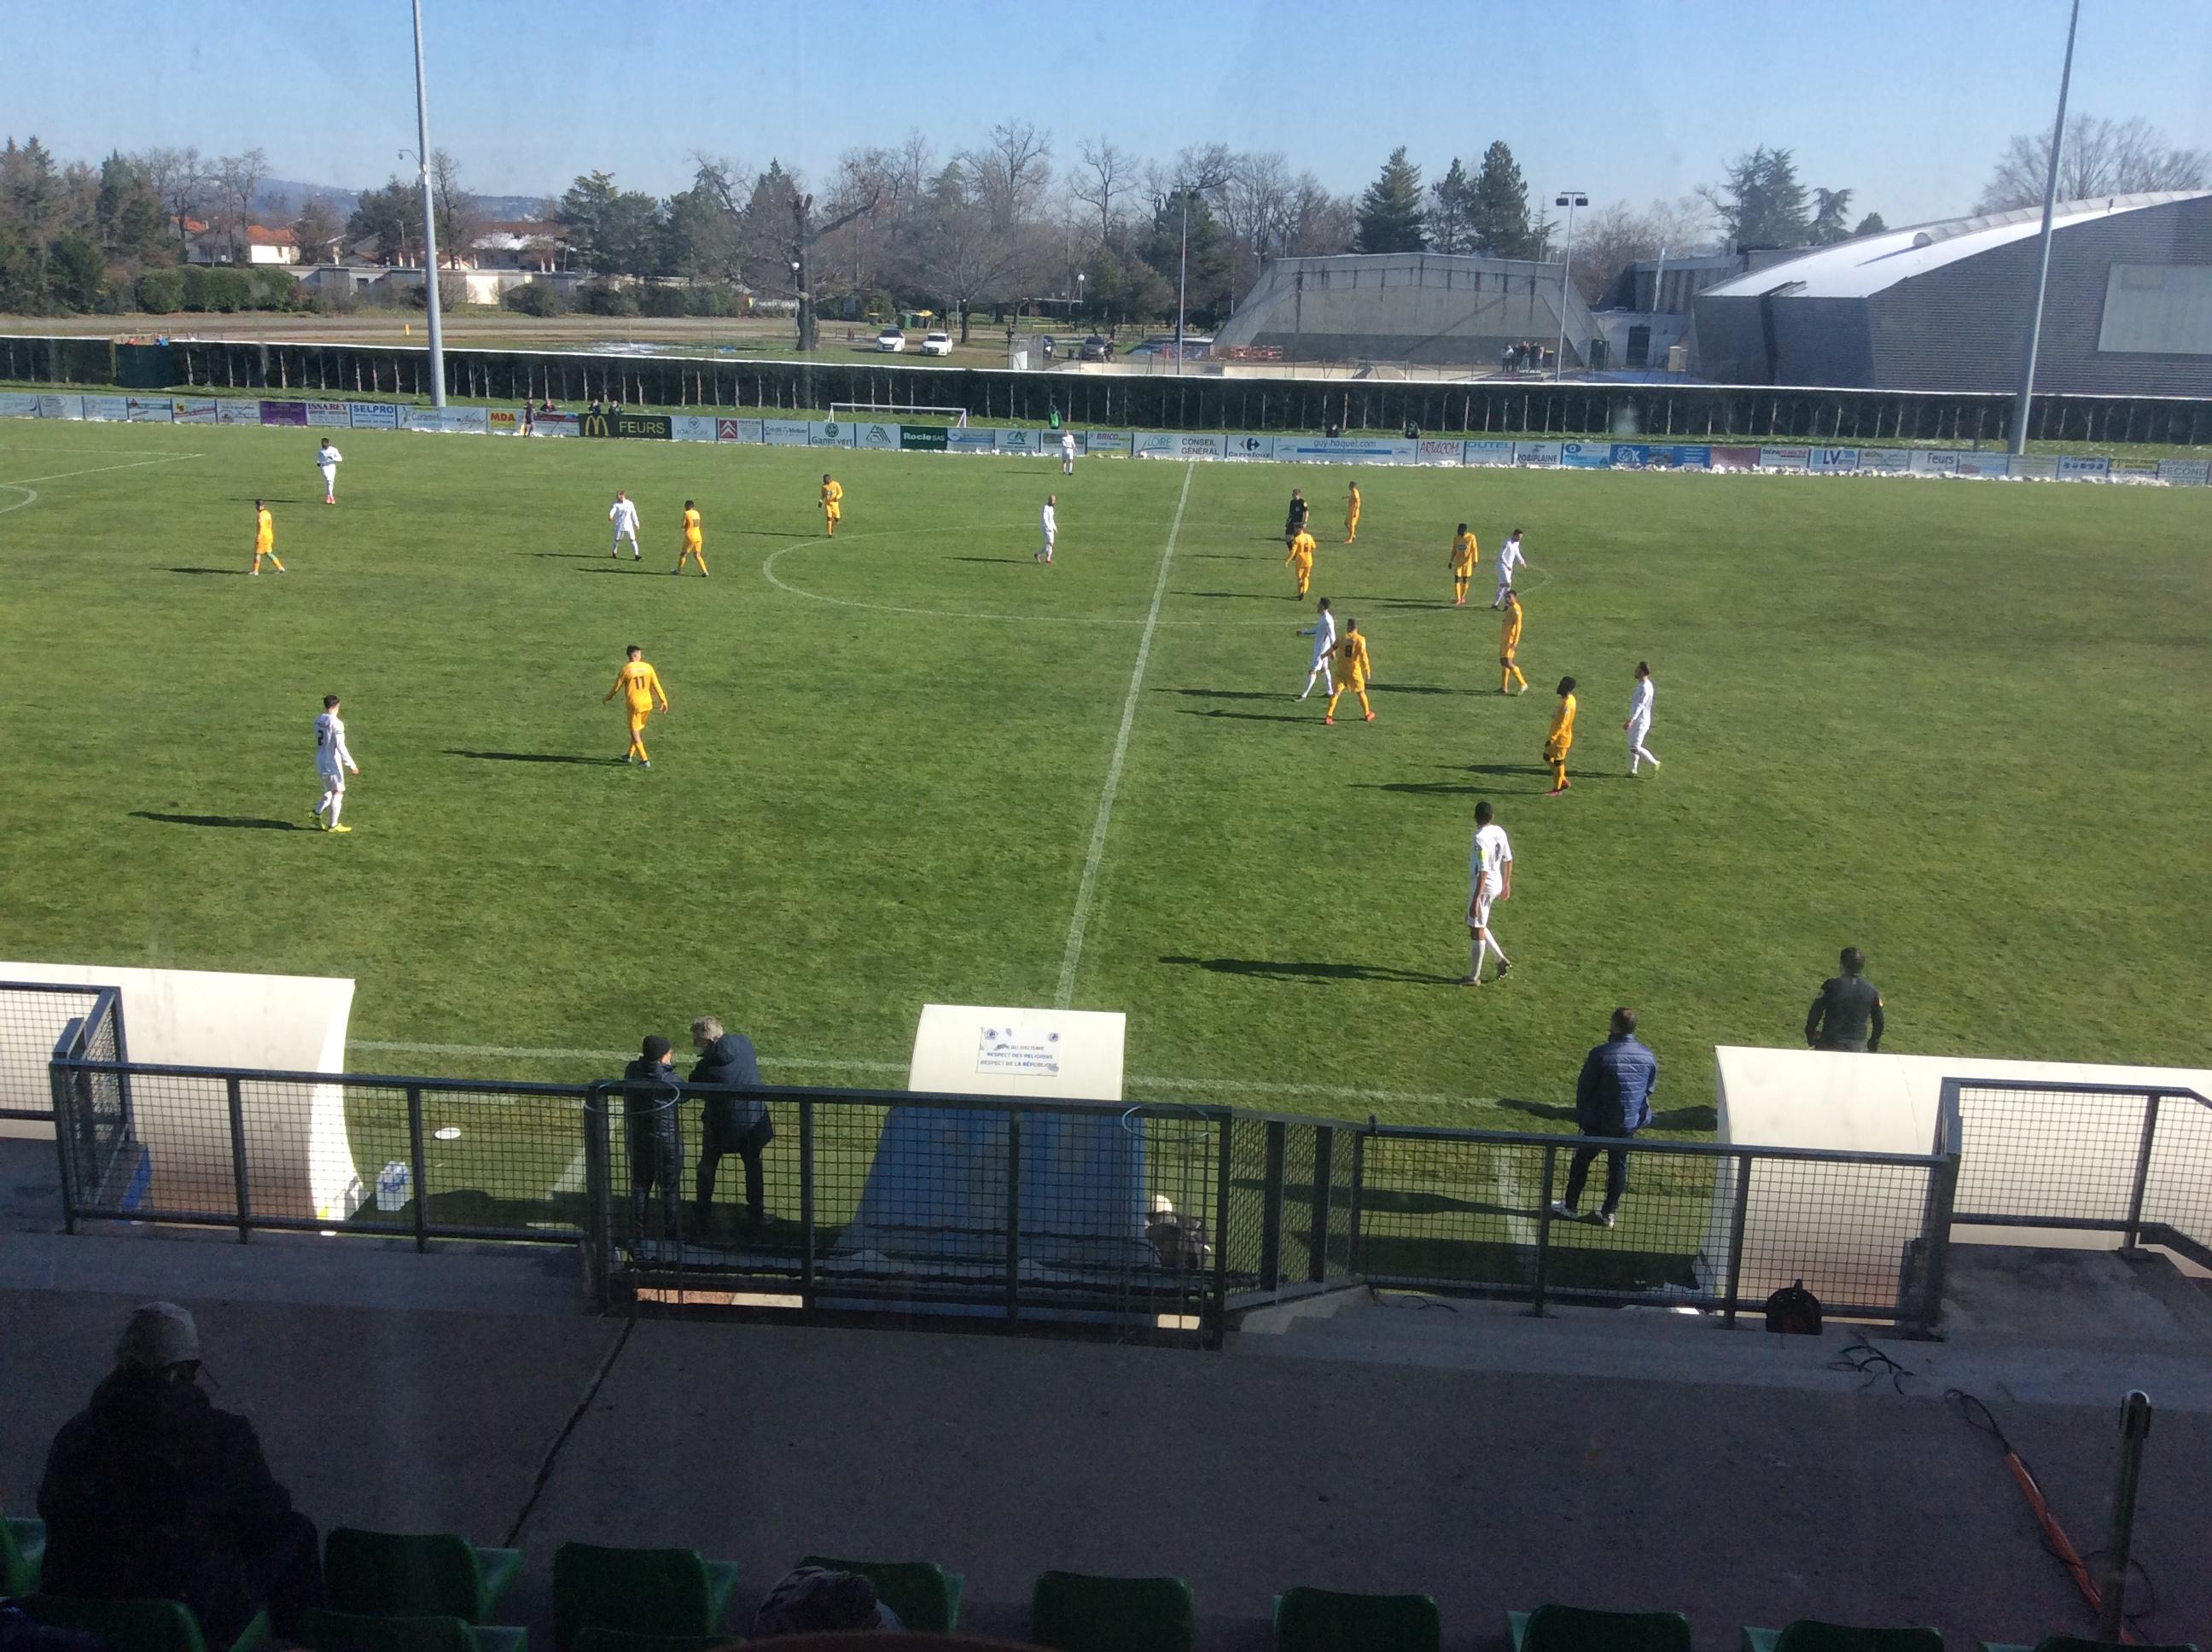 reprise du championnat de n2 foot match en retard le puy foot 43 auvergne-fc Nantes réserve 18h samedi 270221 massot en direct sur votre radio avant match